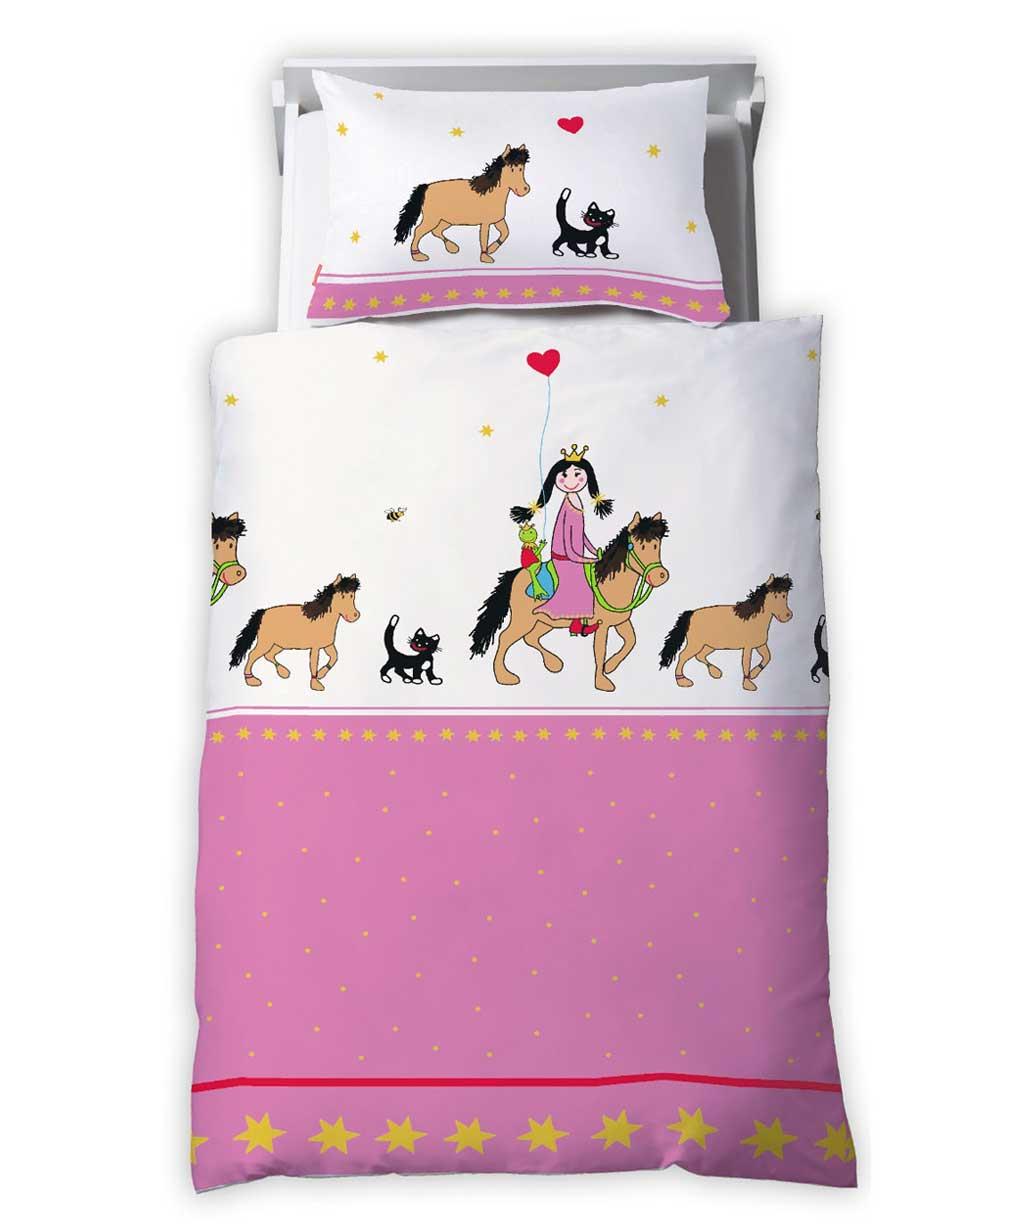 Rosa Kinderbettwäsche für kleine Prinzessinnen mit Pferd